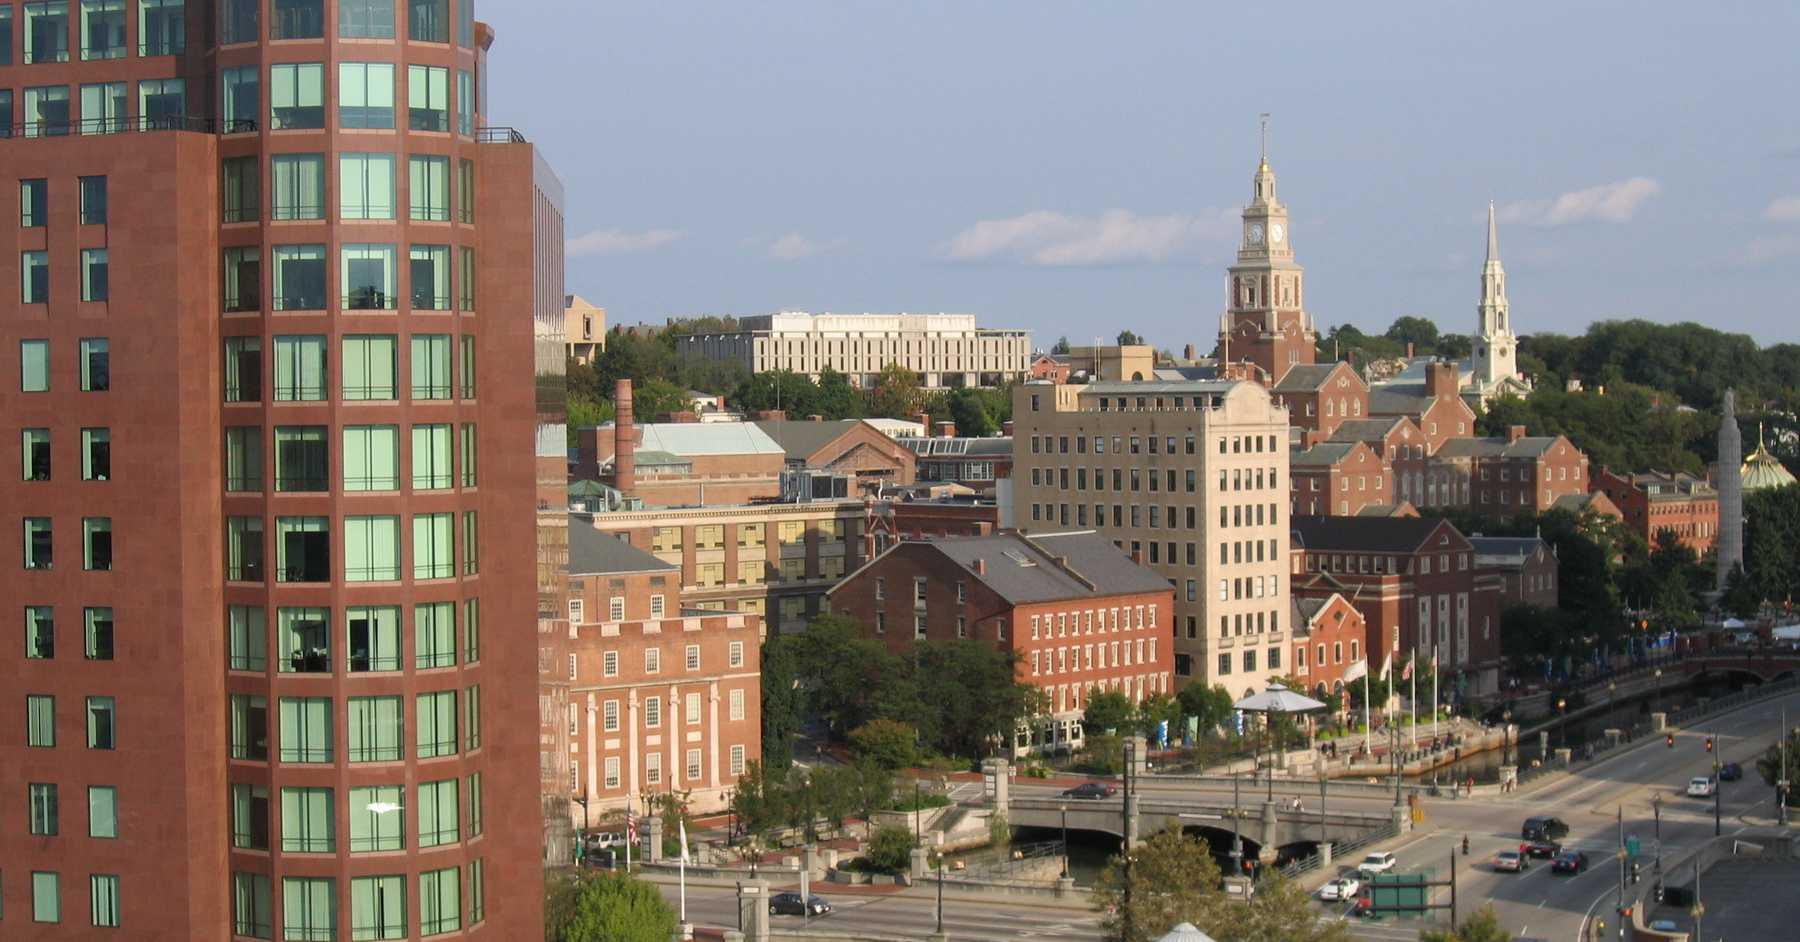 Rhode Island School of Design - Niche